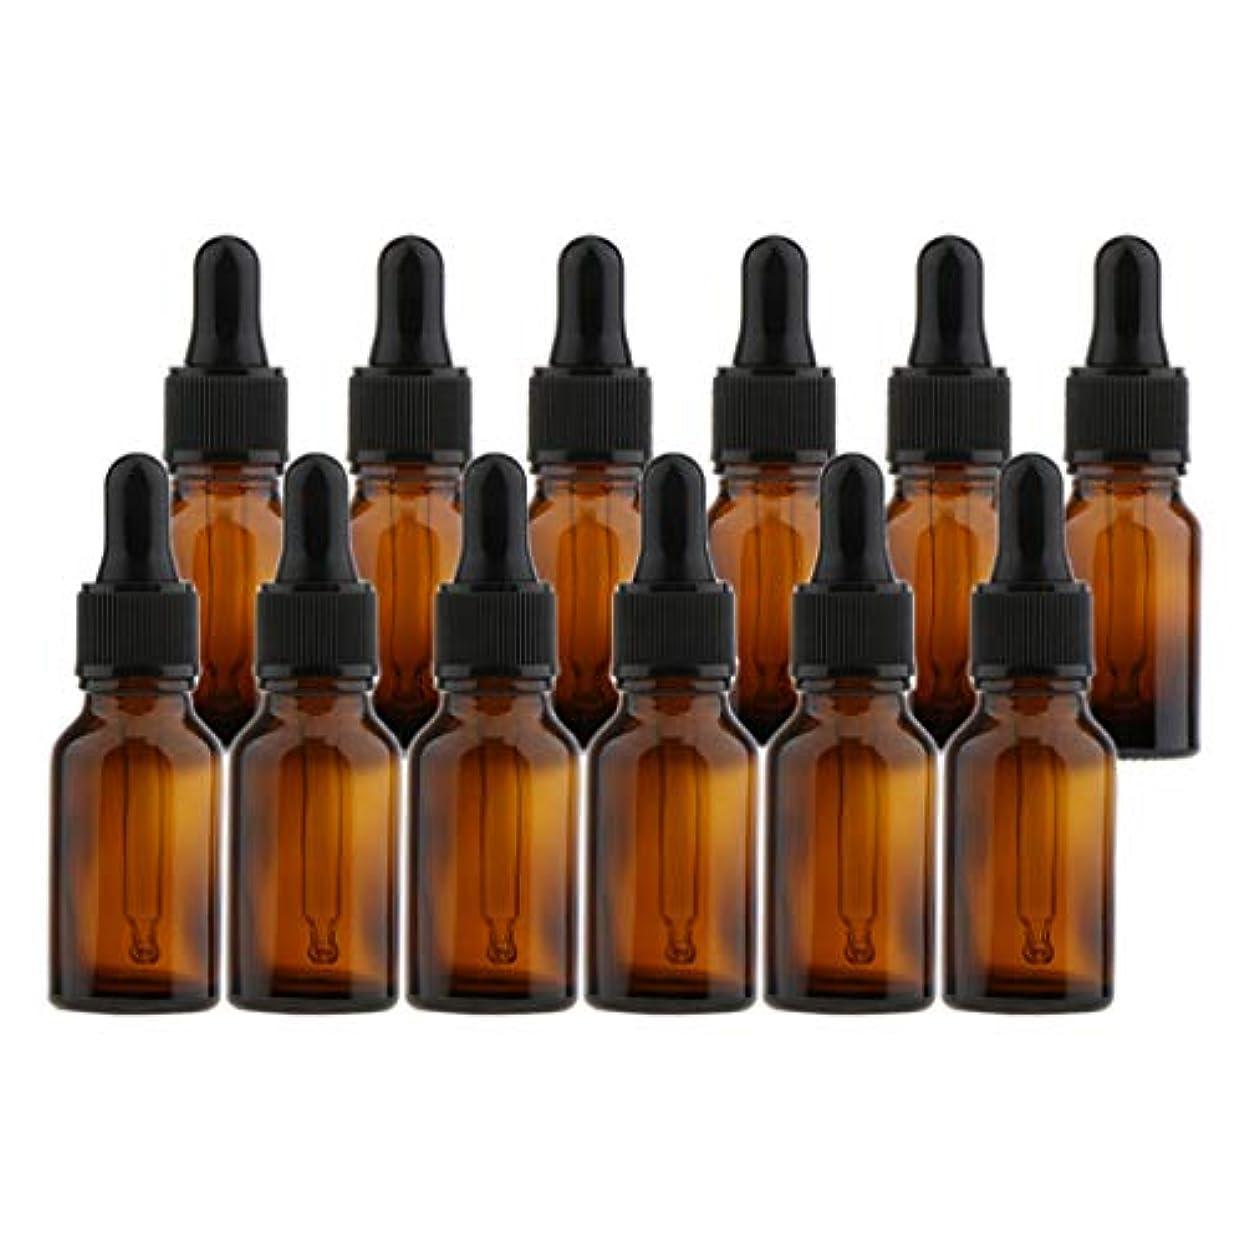 マチュピチュタイムリーなリア王dailymall 12個入りパック、詰め替え可能なエッセンシャルオイルブラウンスポイトボトル化学実験室化学ディスペンサー